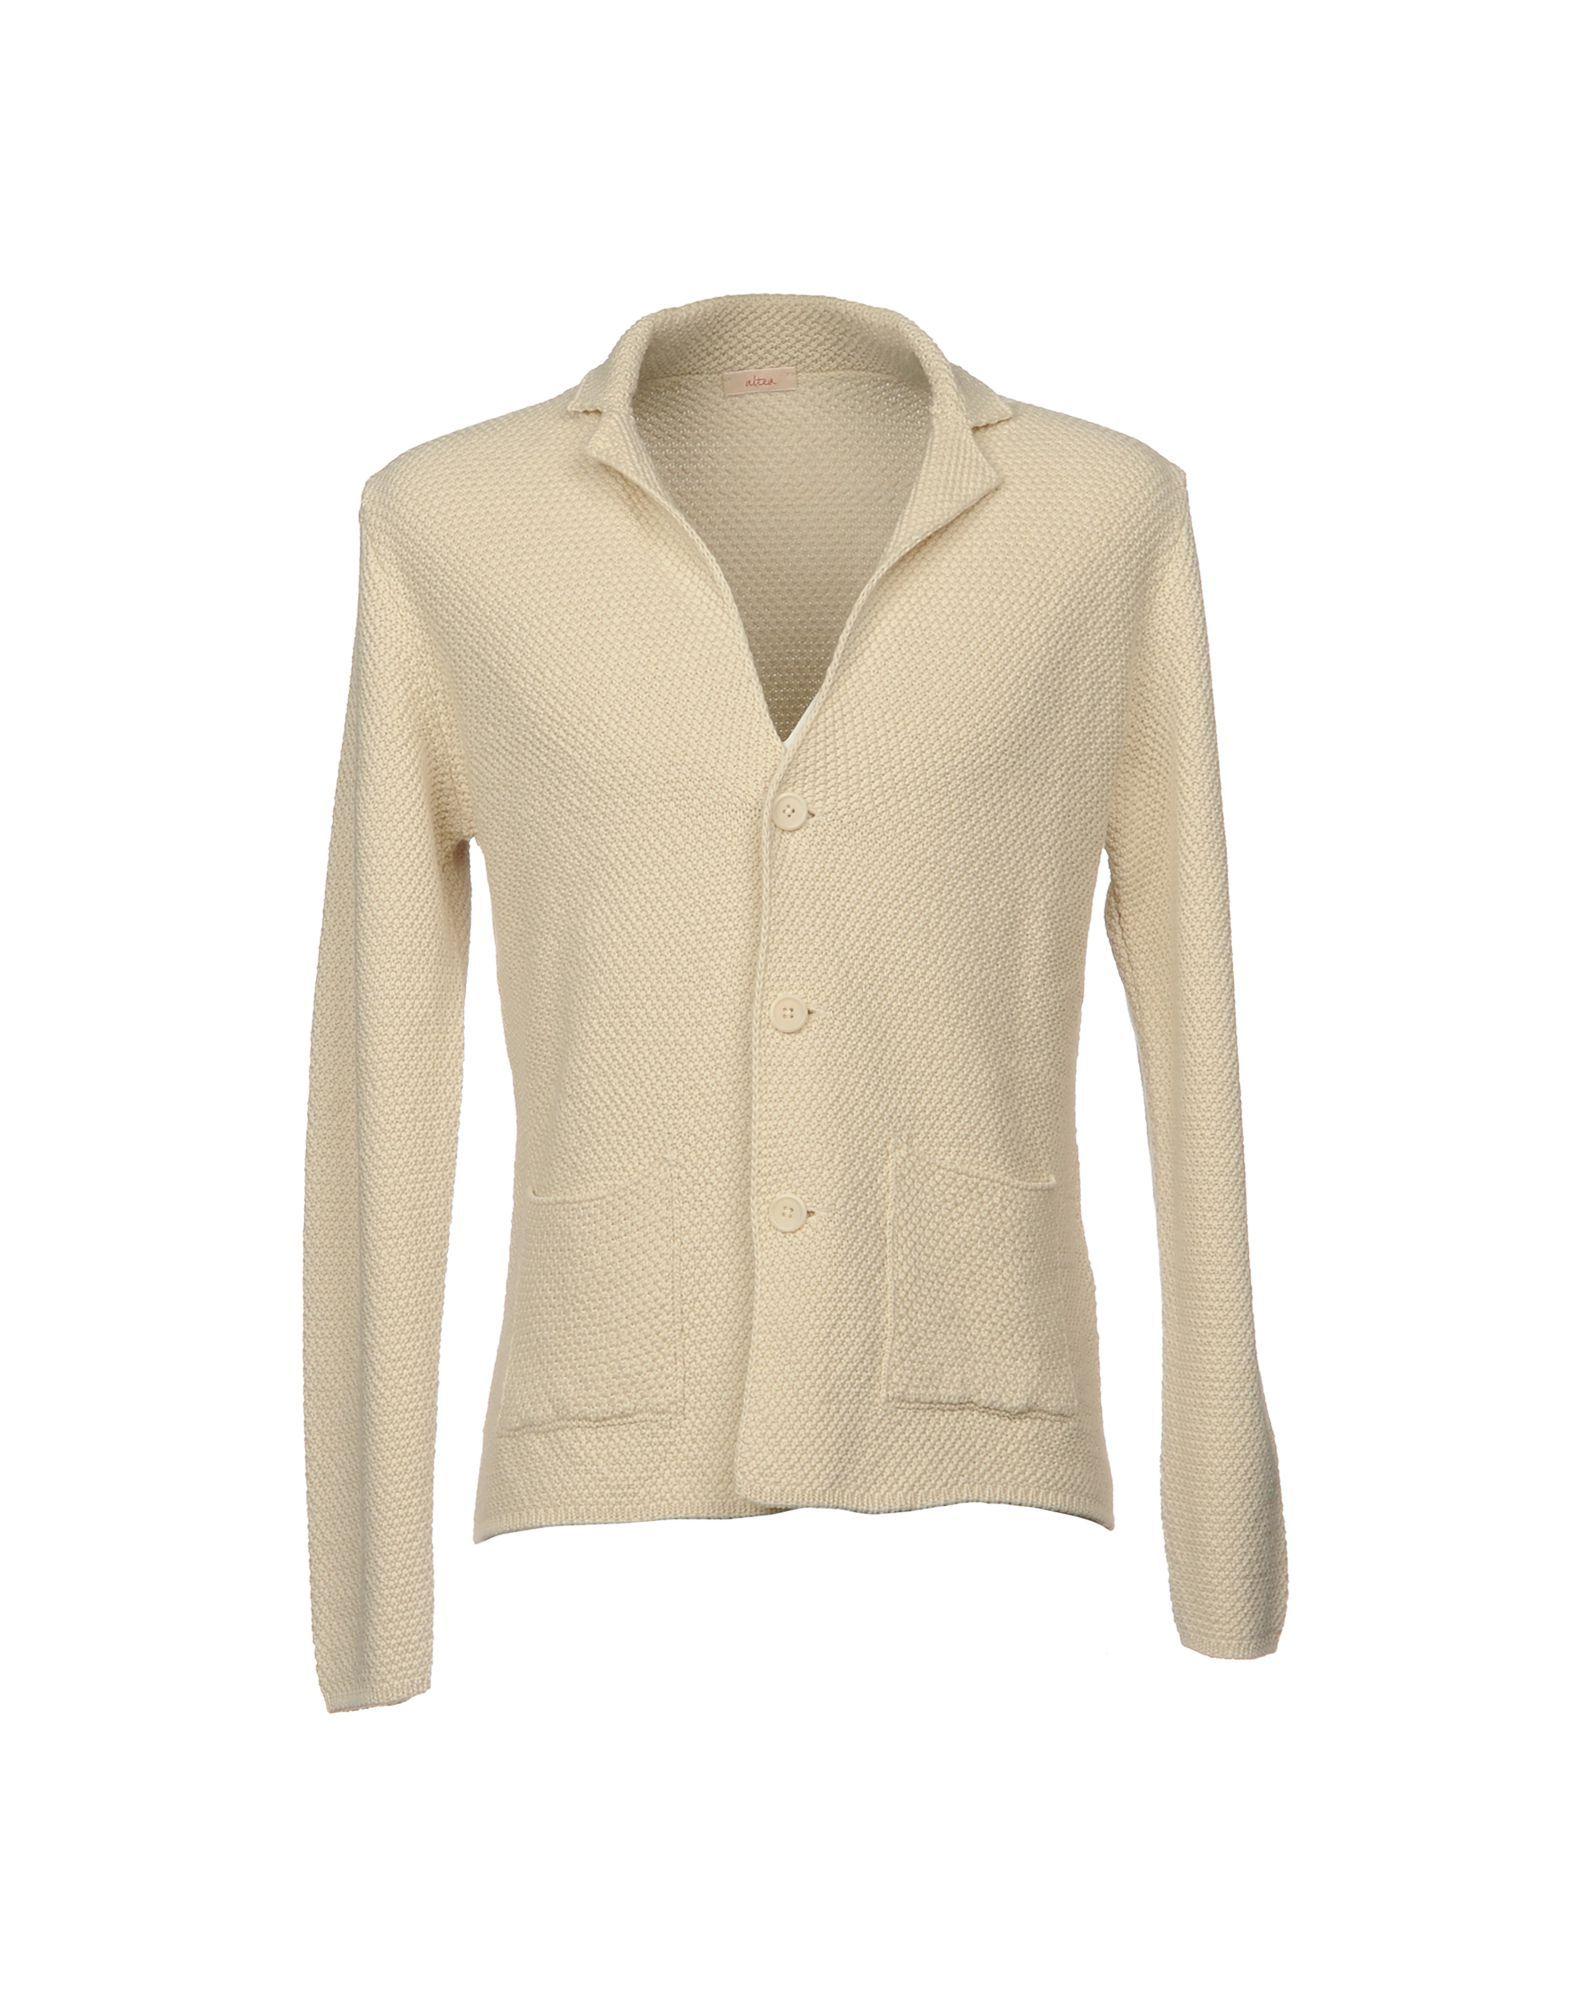 KNITWEAR Altea Ivory Man Cotton